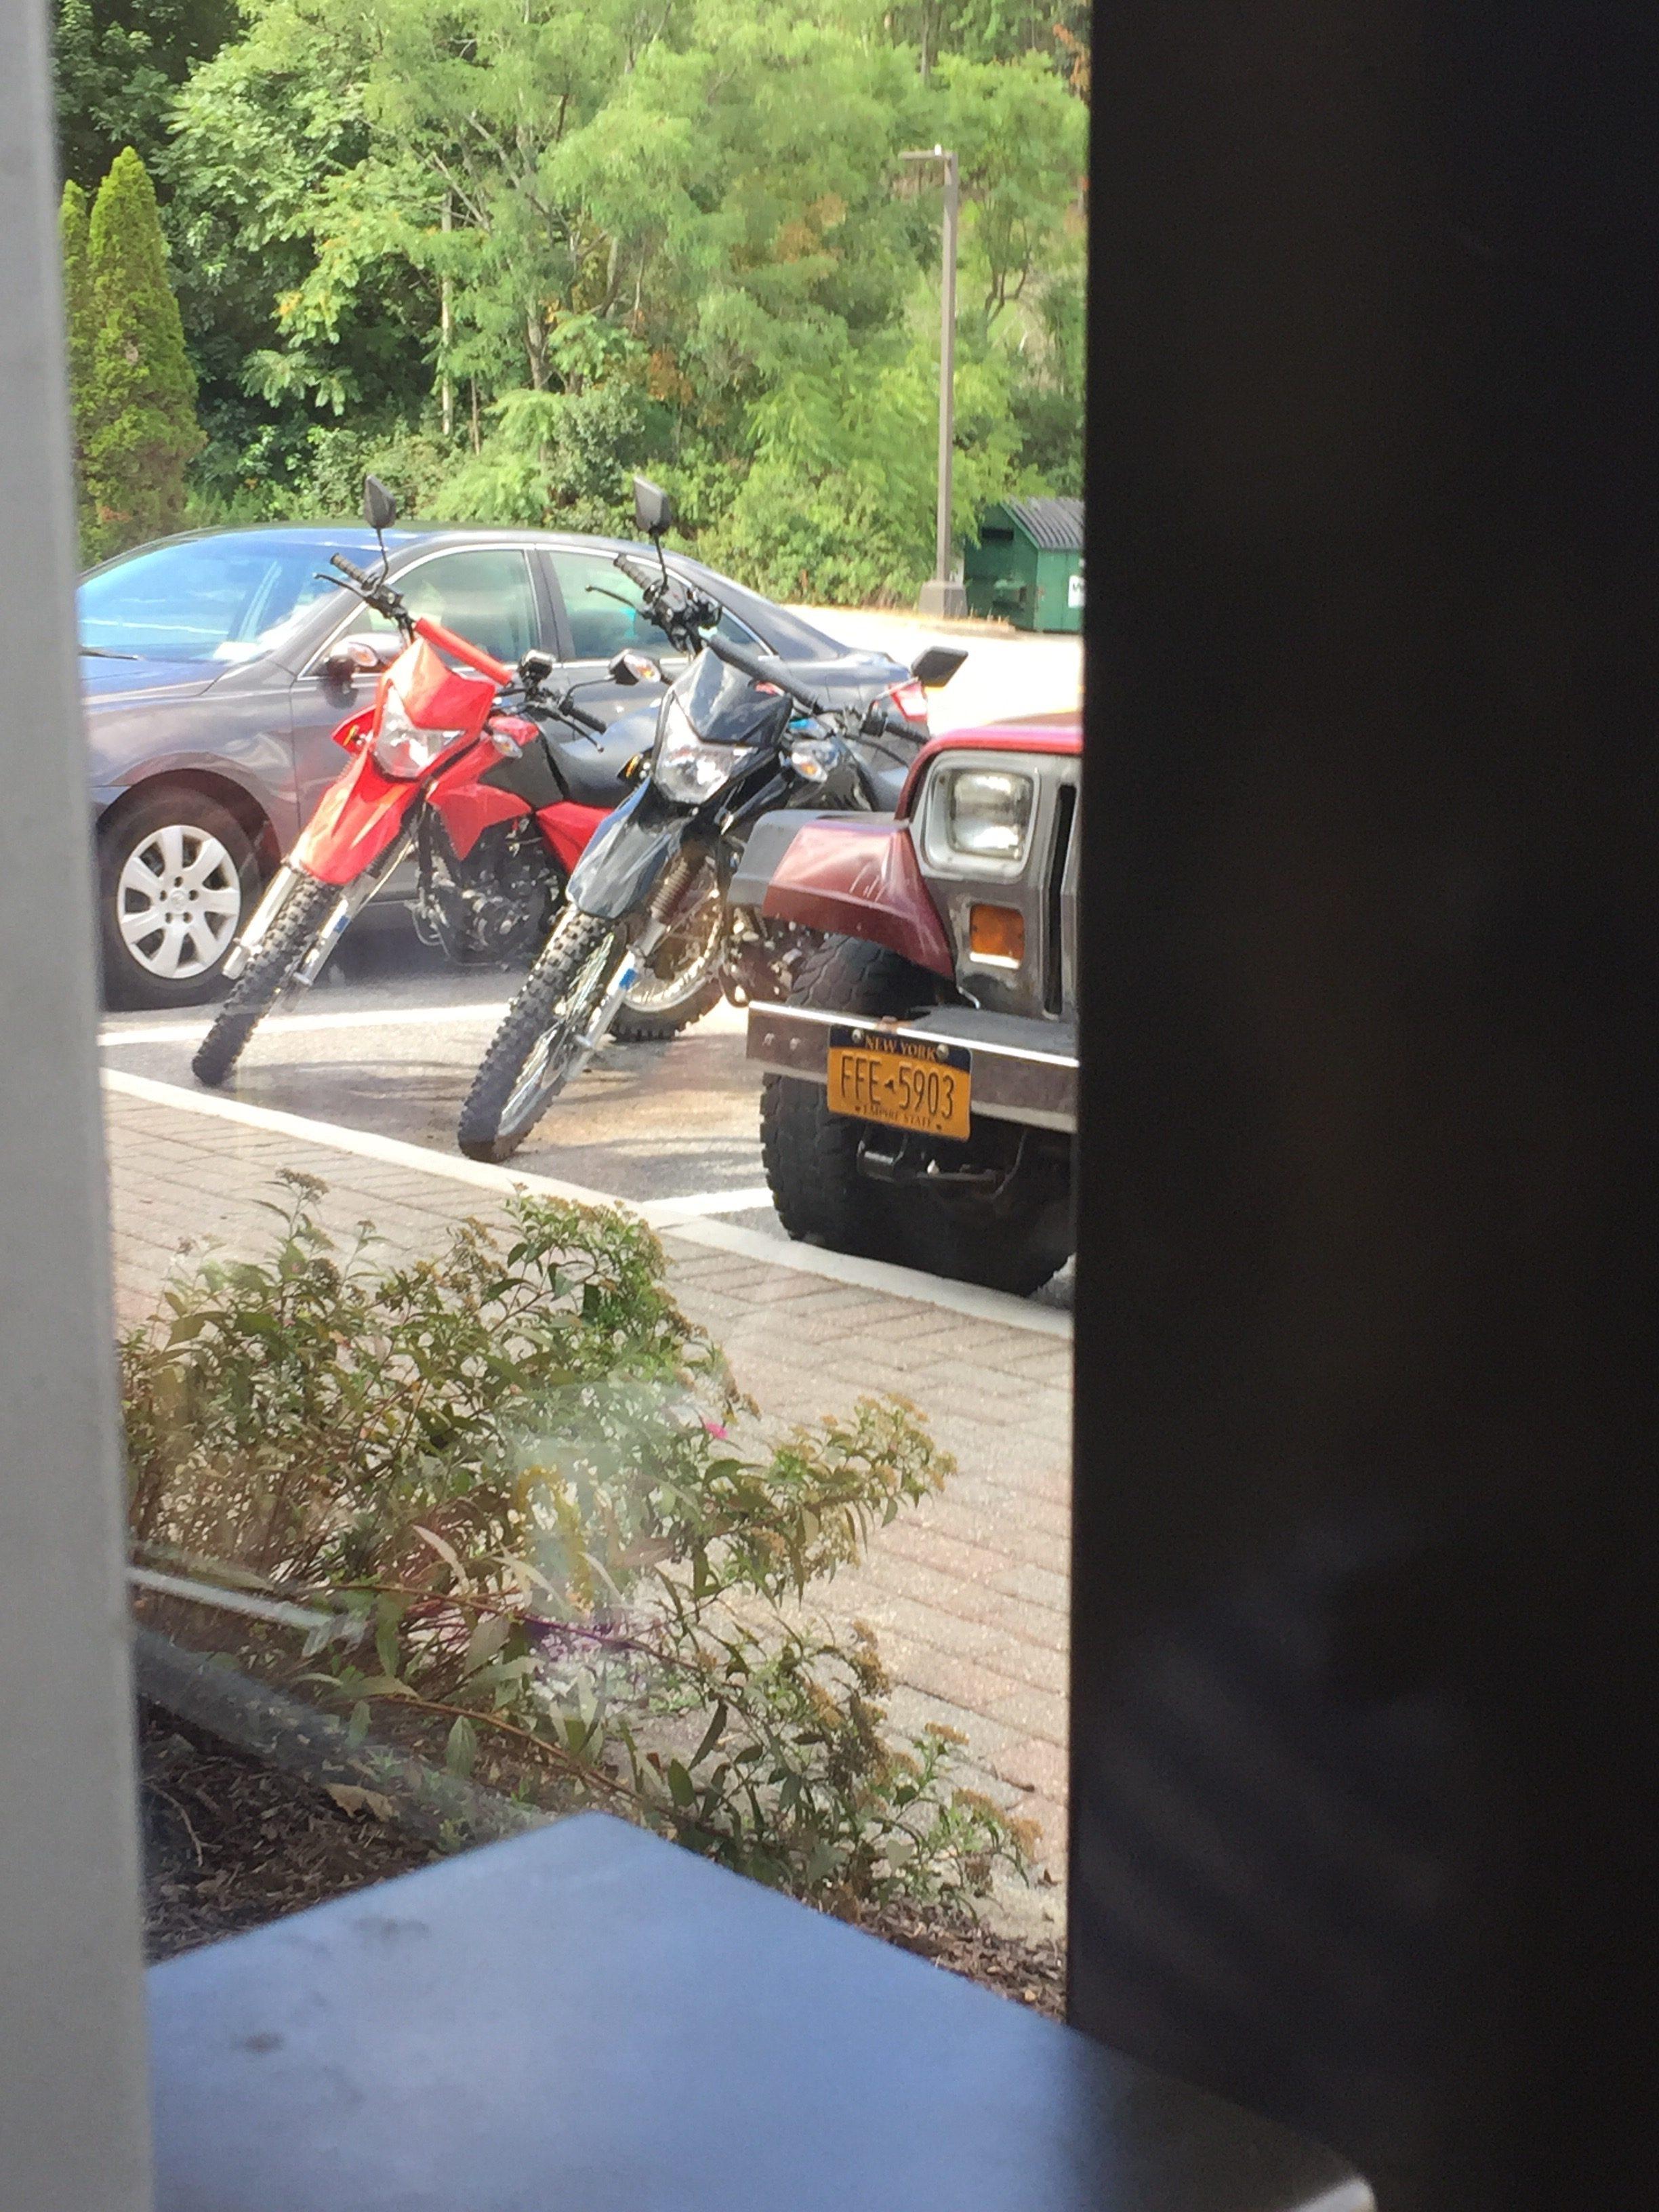 2 Hawk 250 Bikes in Parking Lot